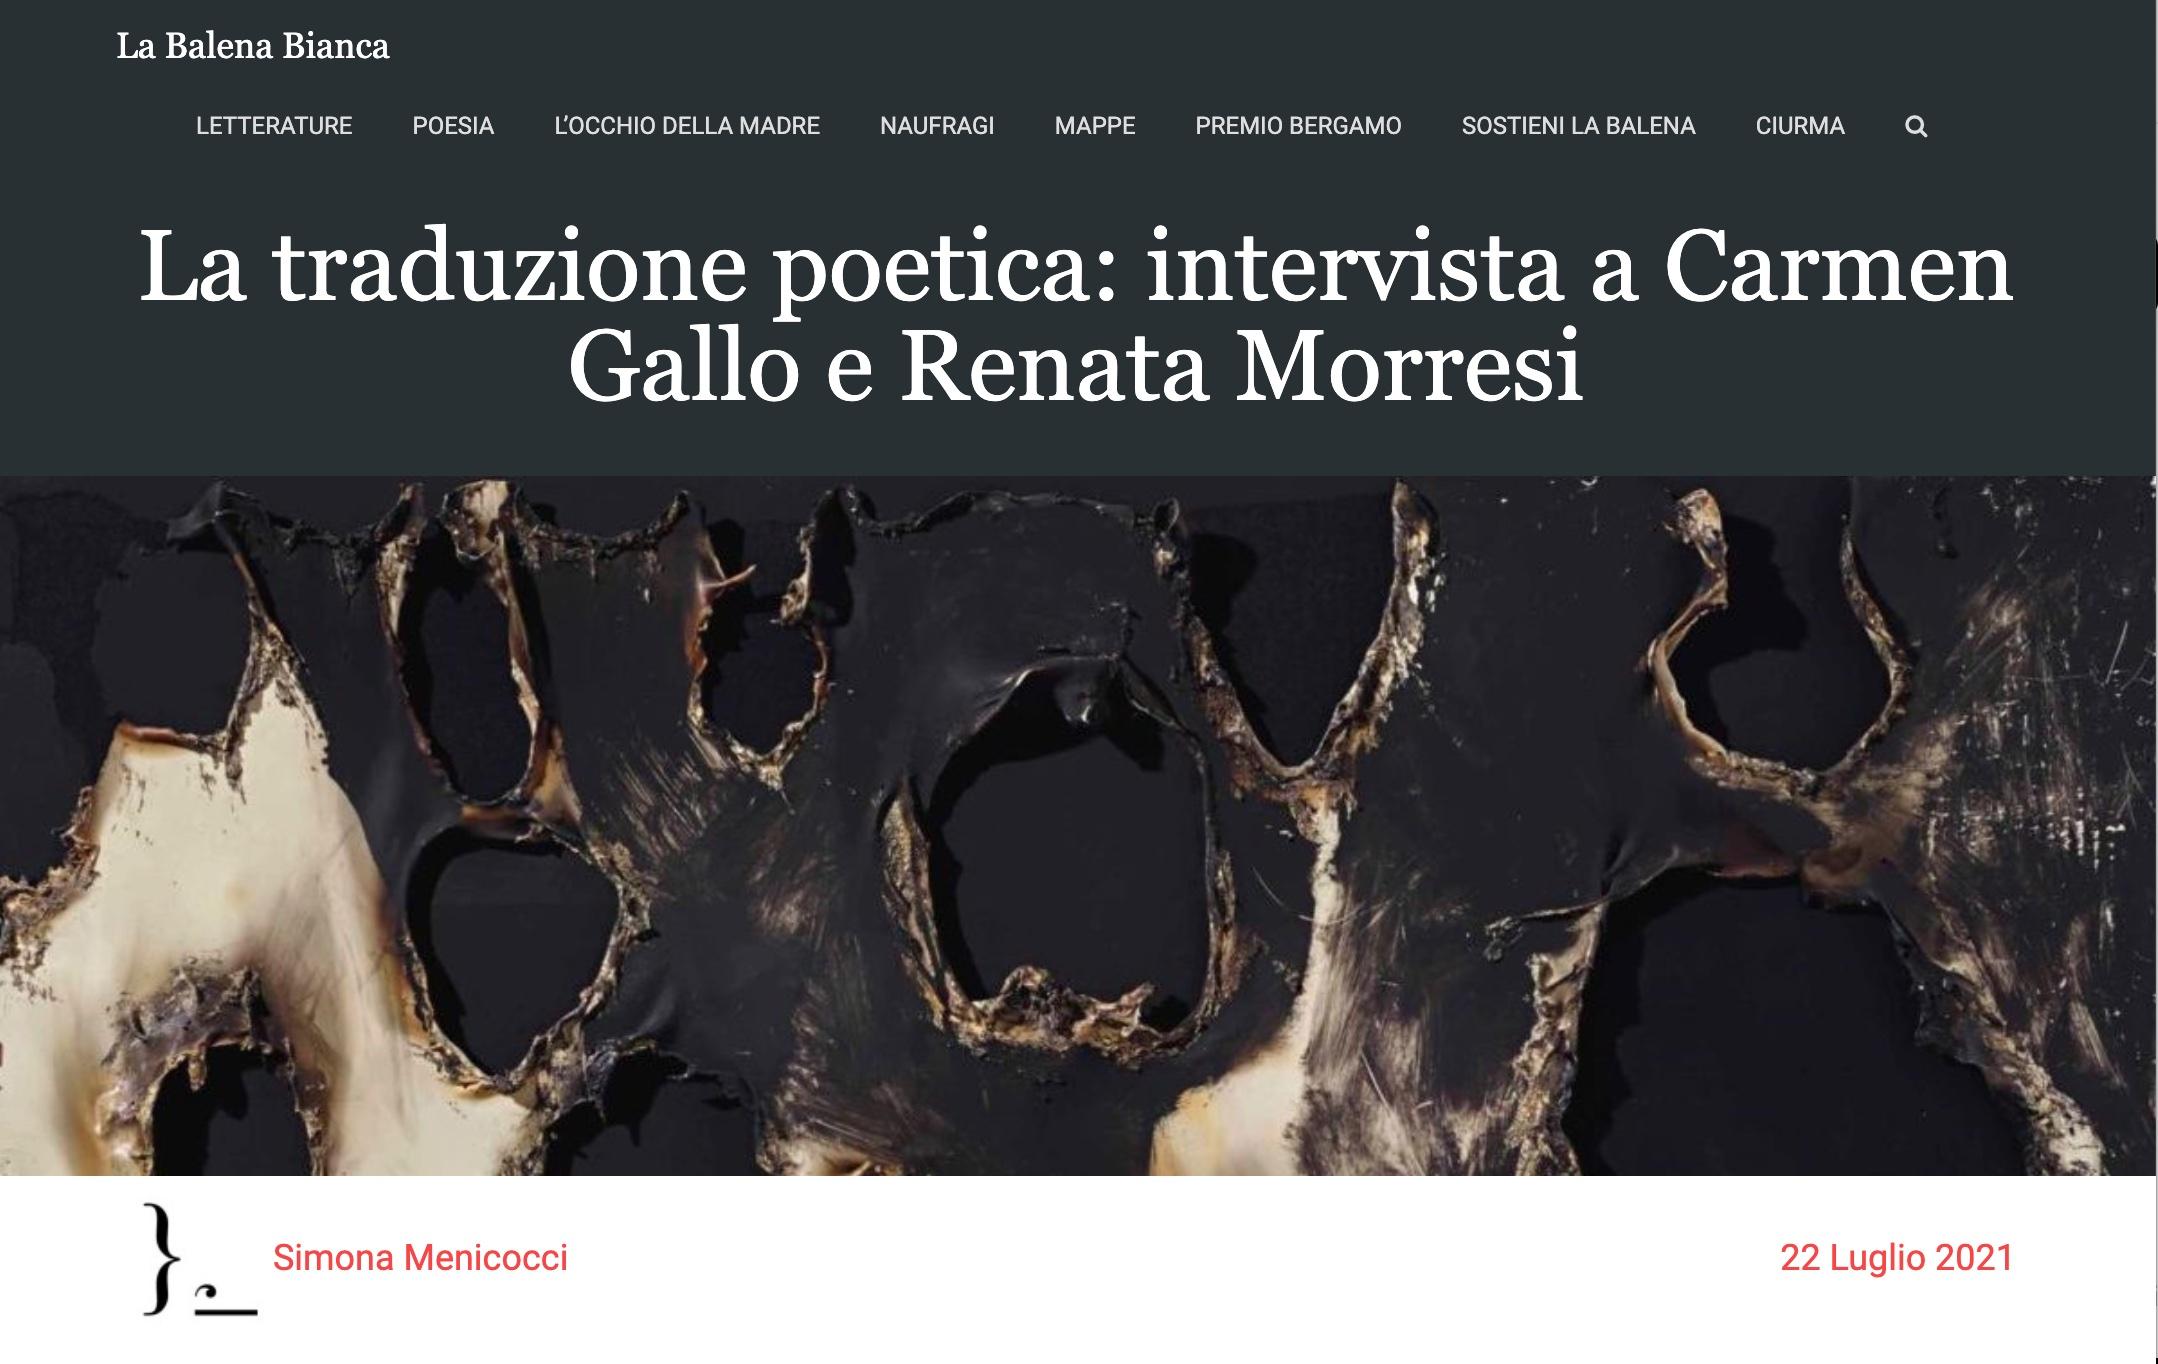 La traduzione poetica: intervista a Carmen Gallo e Renata Morresi